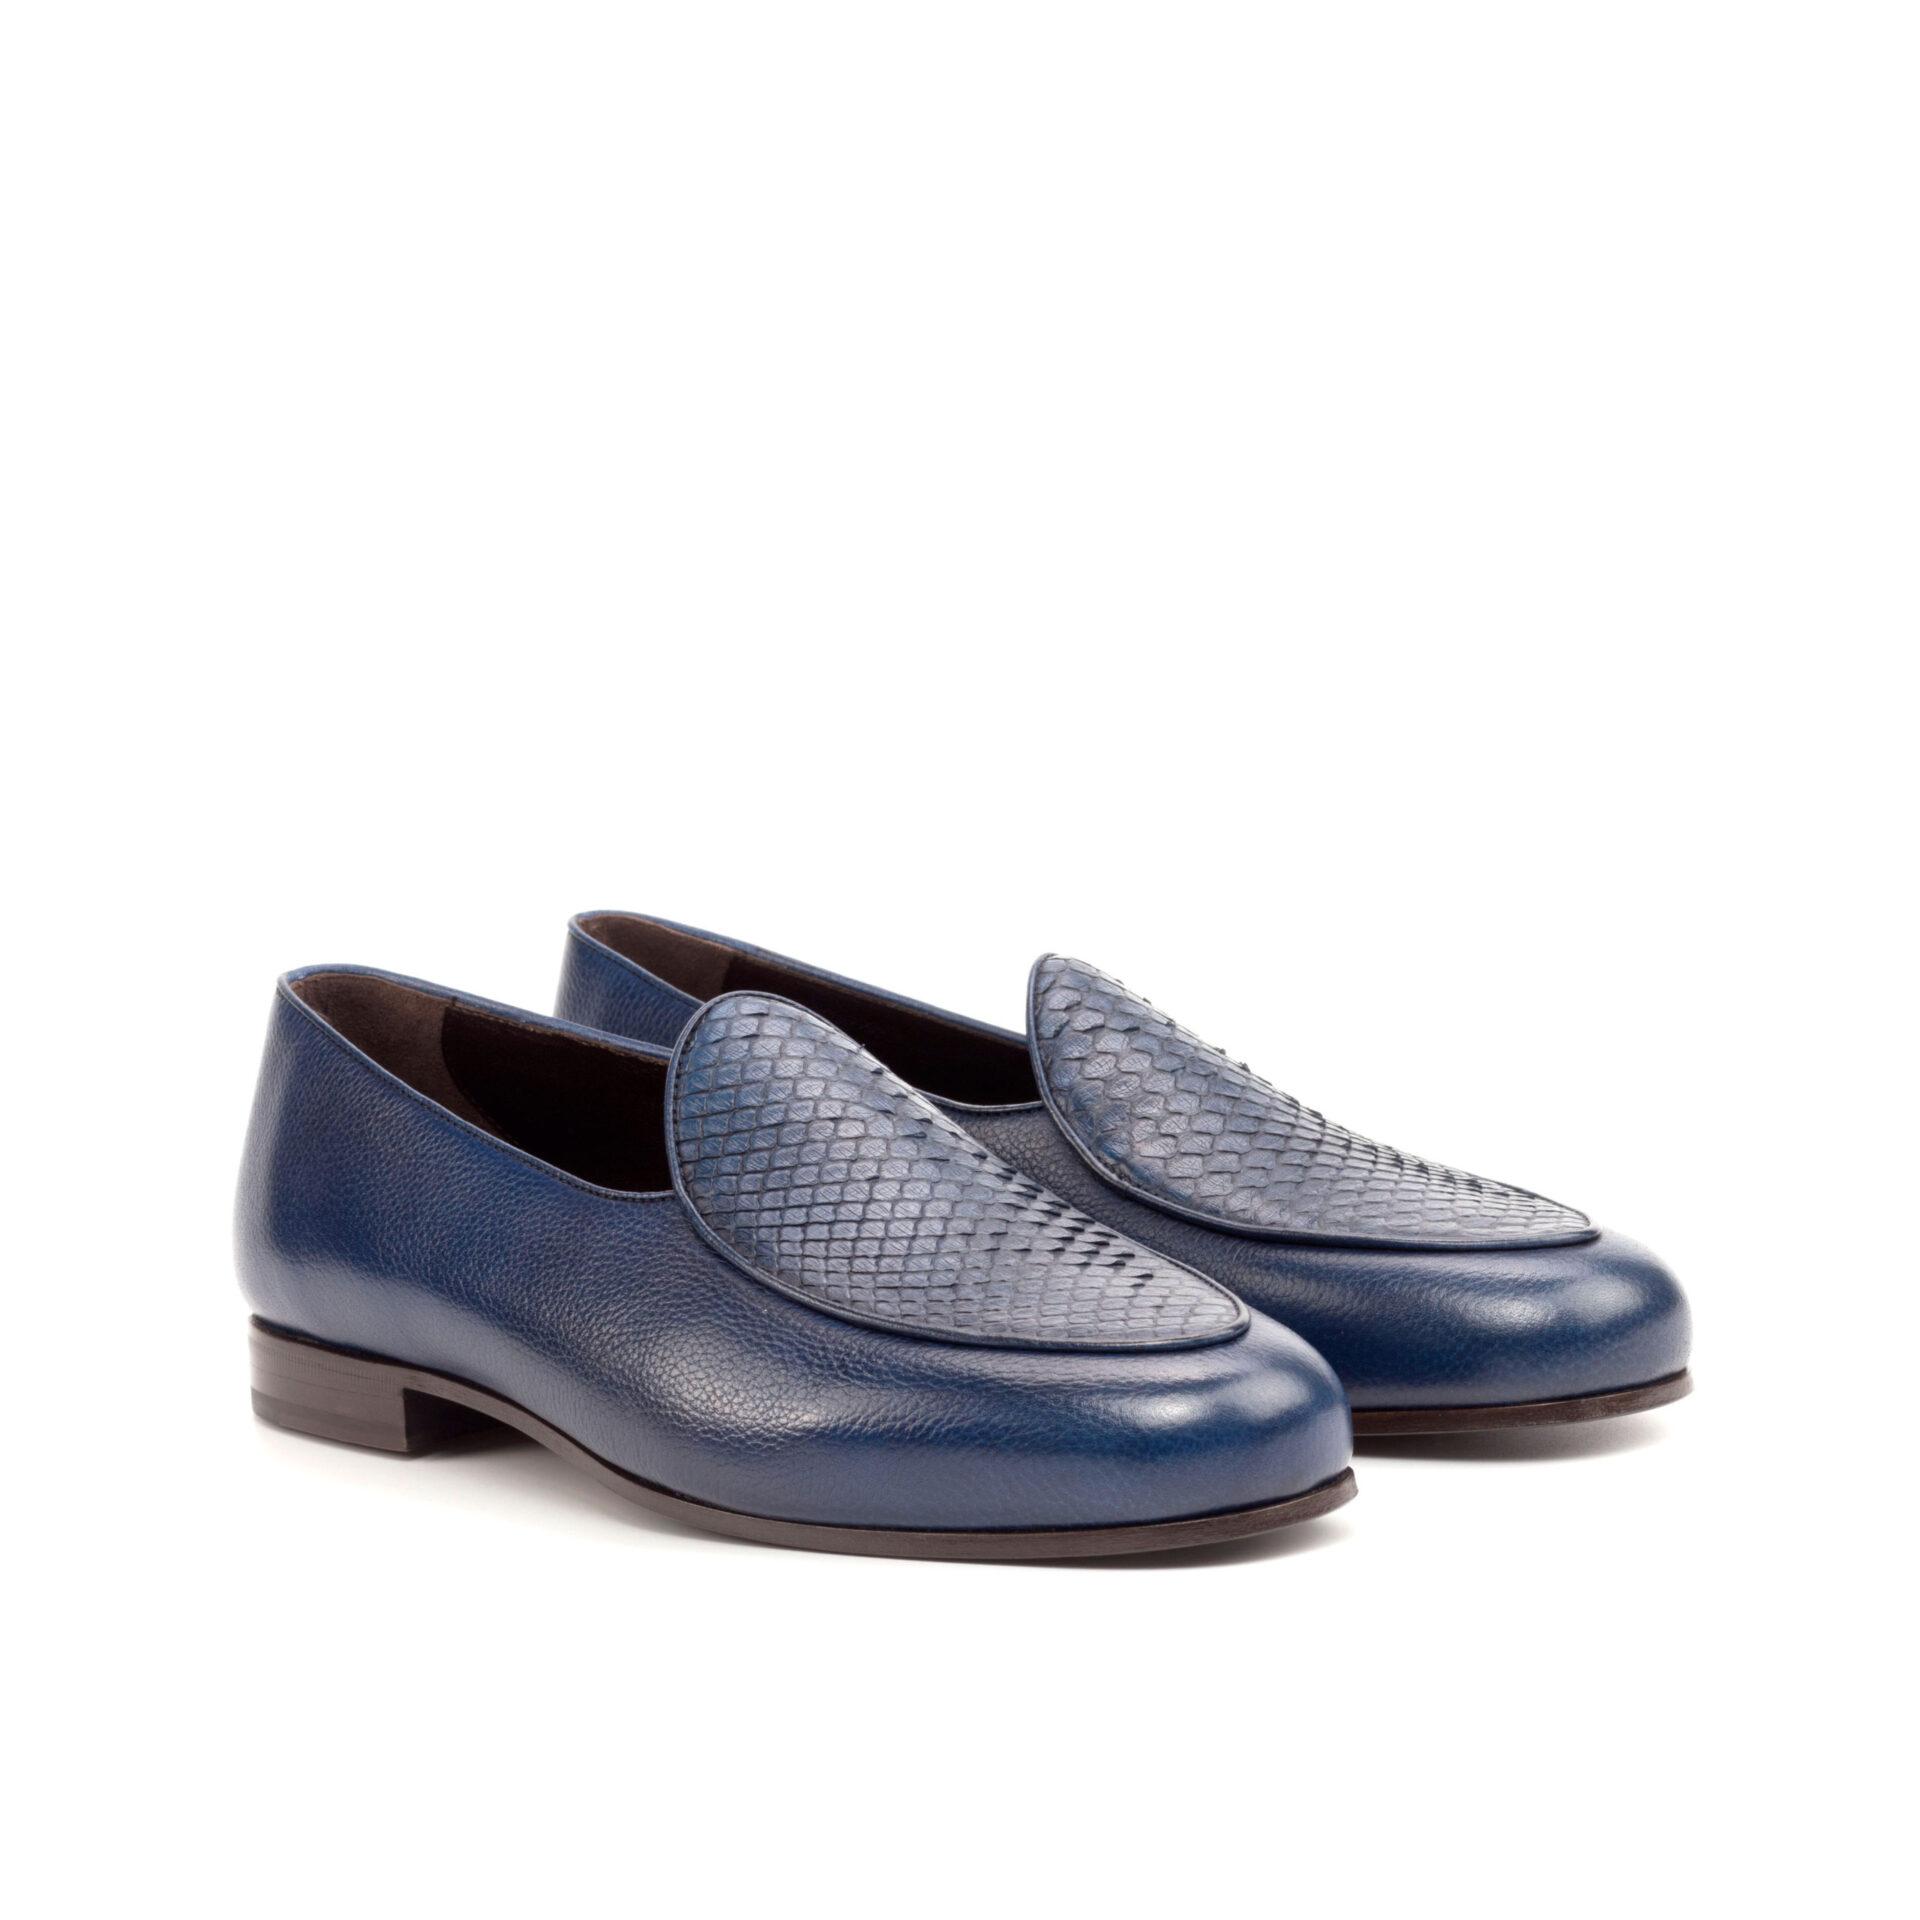 Handmade Belgian Slipper Shoe